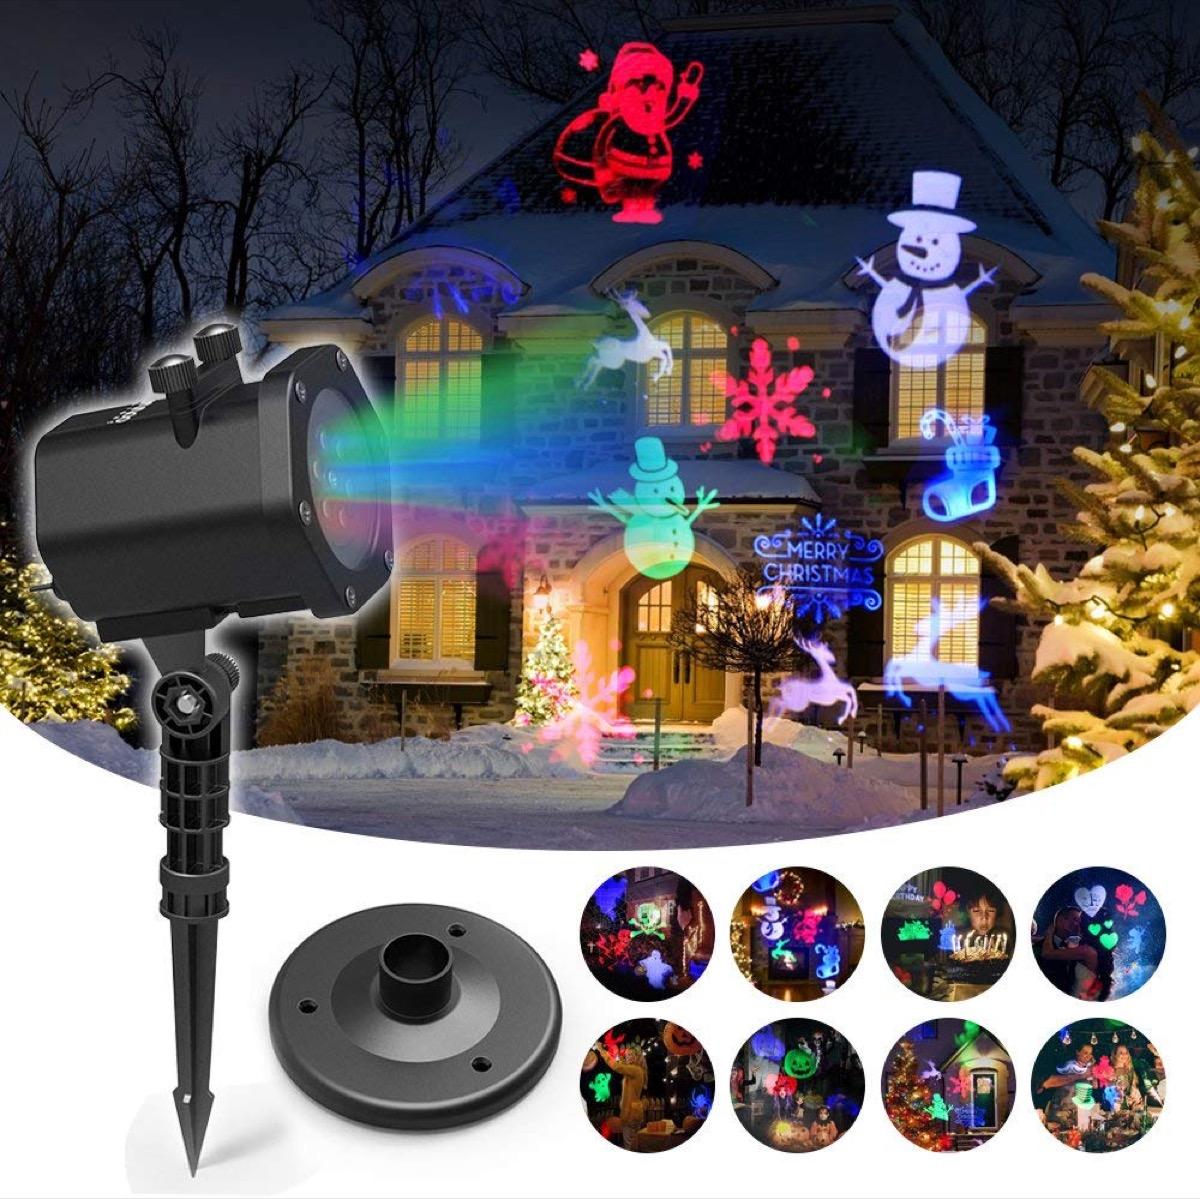 Guida alle migliori luci di Natale, quali comprare?